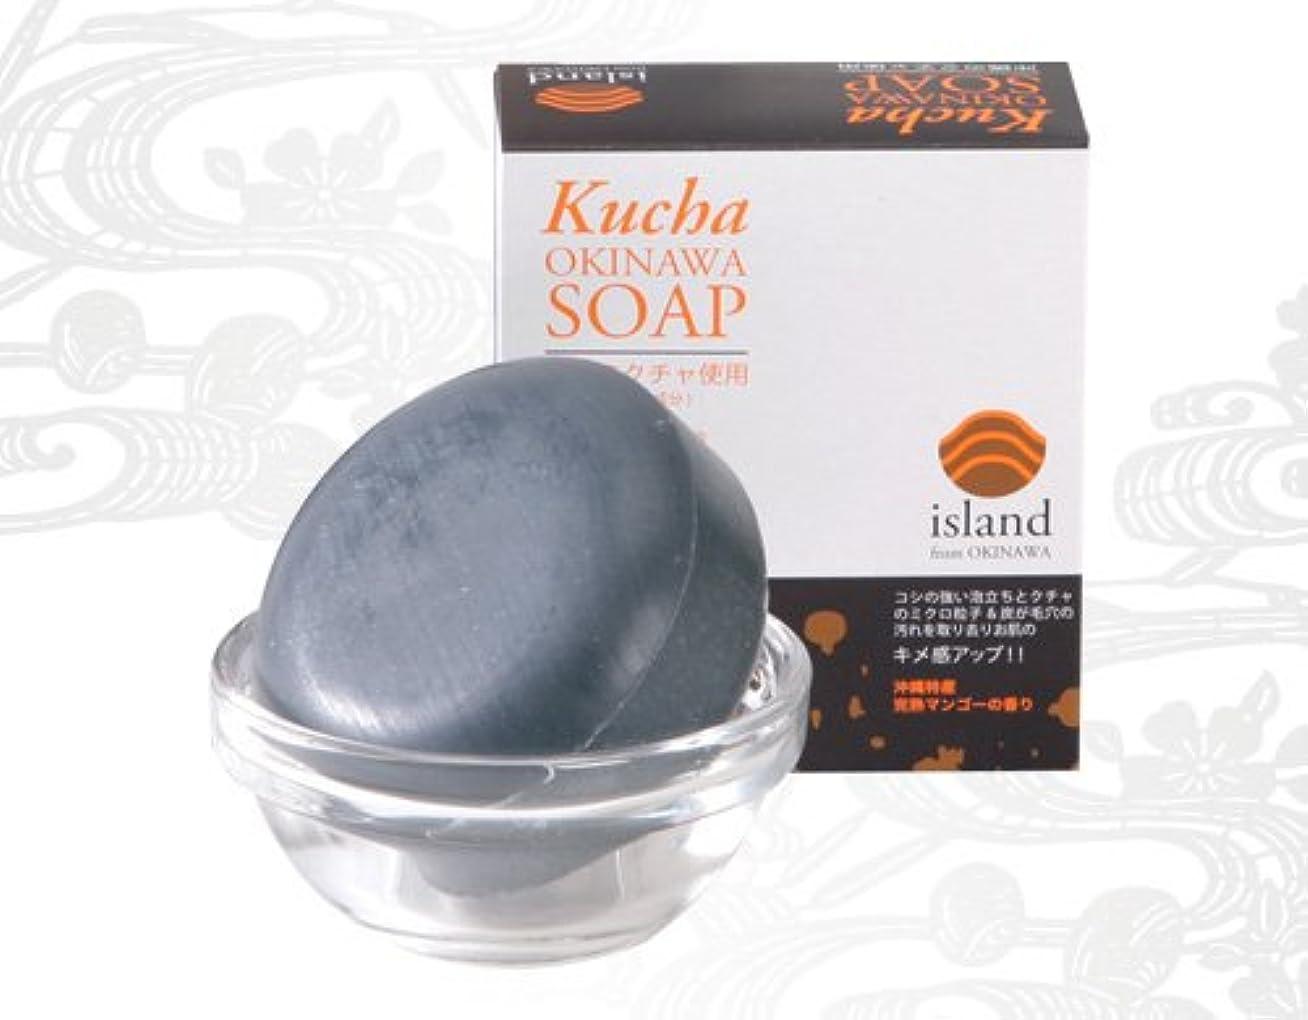 くちゃ OKINAWA SOAP 90g×10個(1ボール) アイランド 沖縄特産「くちゃ」配合の無添加石けん ミクロの泥で毛穴スッキリ、つるつる素肌!